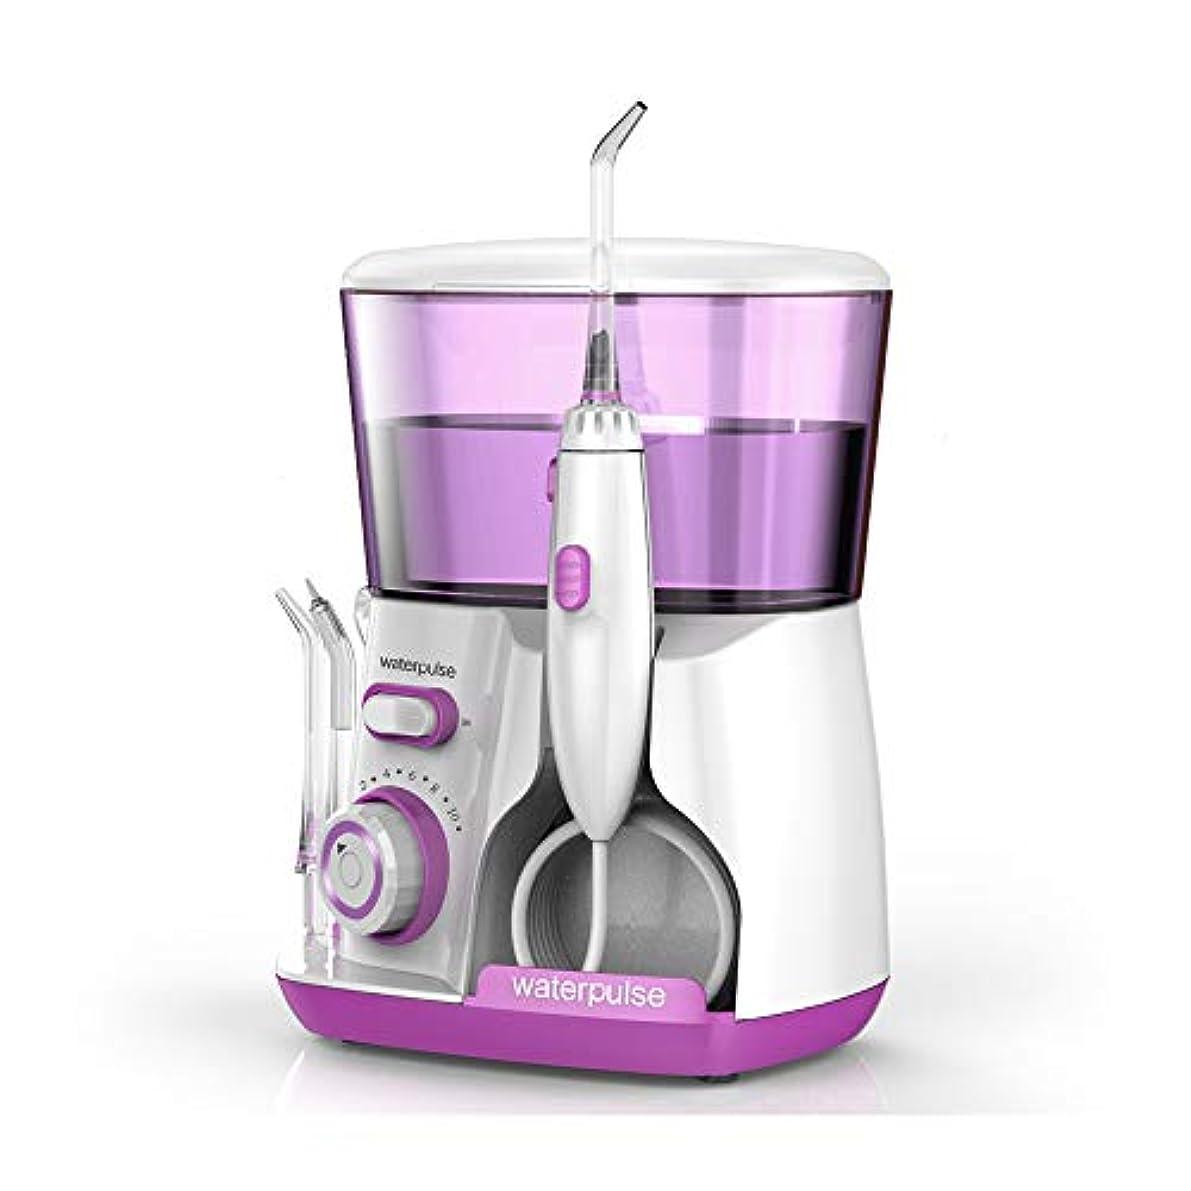 暖かさペダルパテLoboo Idea V300 赤い歯洗濯機水フロスデンタルクリーナー口腔洗浄器、自由に調整可能な10種類の歯車、5種類のノズルを含む、歯の清掃が360度容易、あなたの歯のニーズを満たすために (V300R, 紫色)